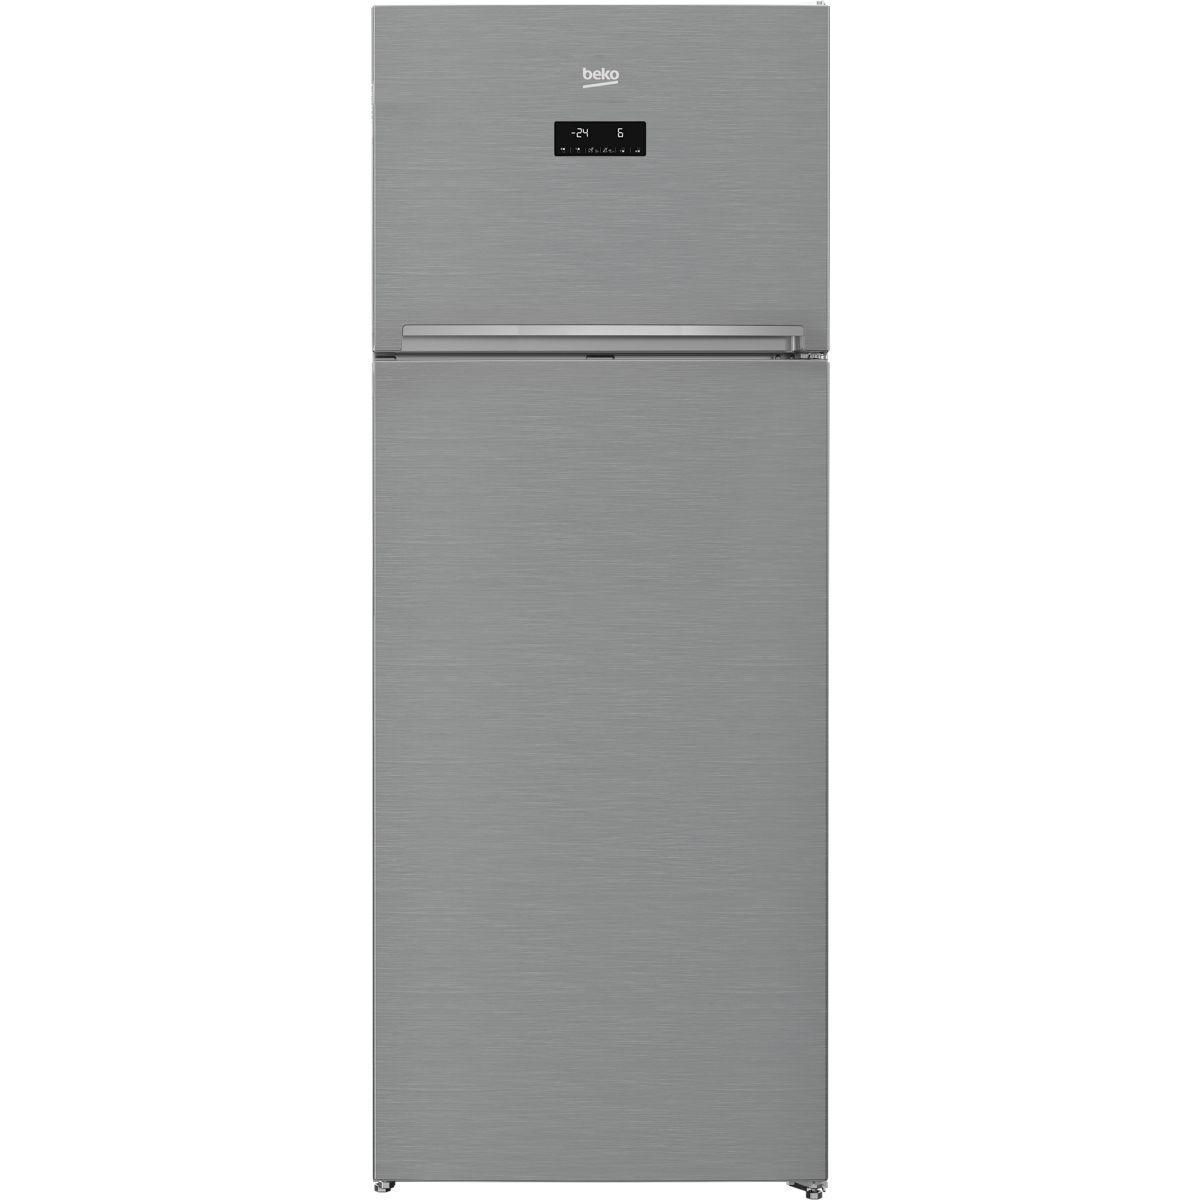 réfrigérateur congélateur en haut beko rdne535e20zx reconditionné